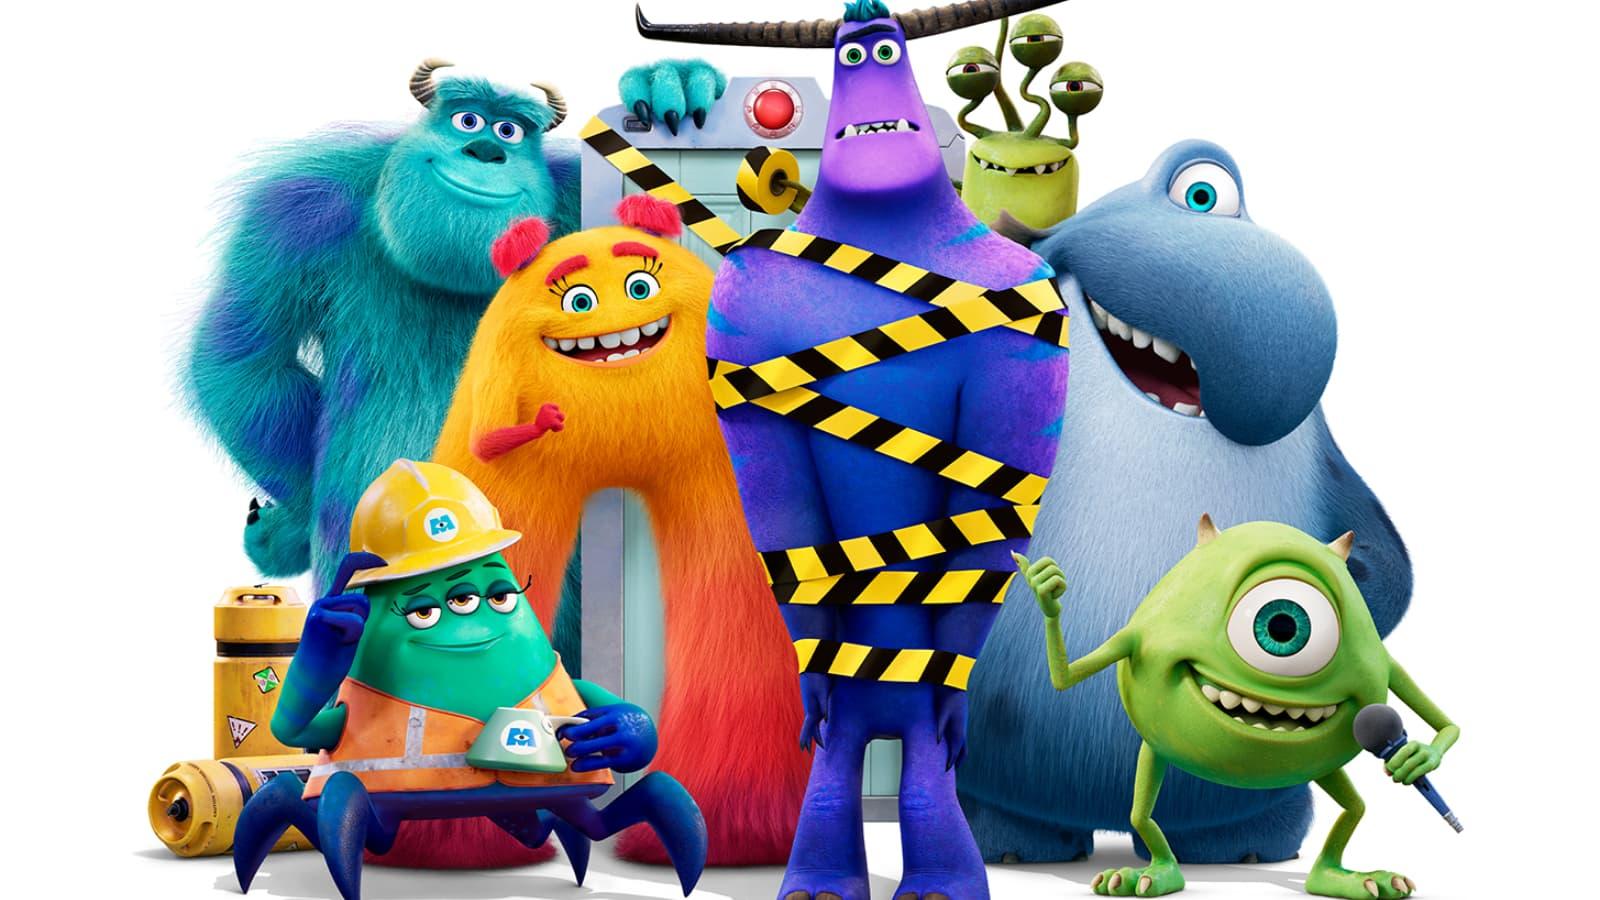 La fine équipe de Monstropolis vous attend sur Disney+